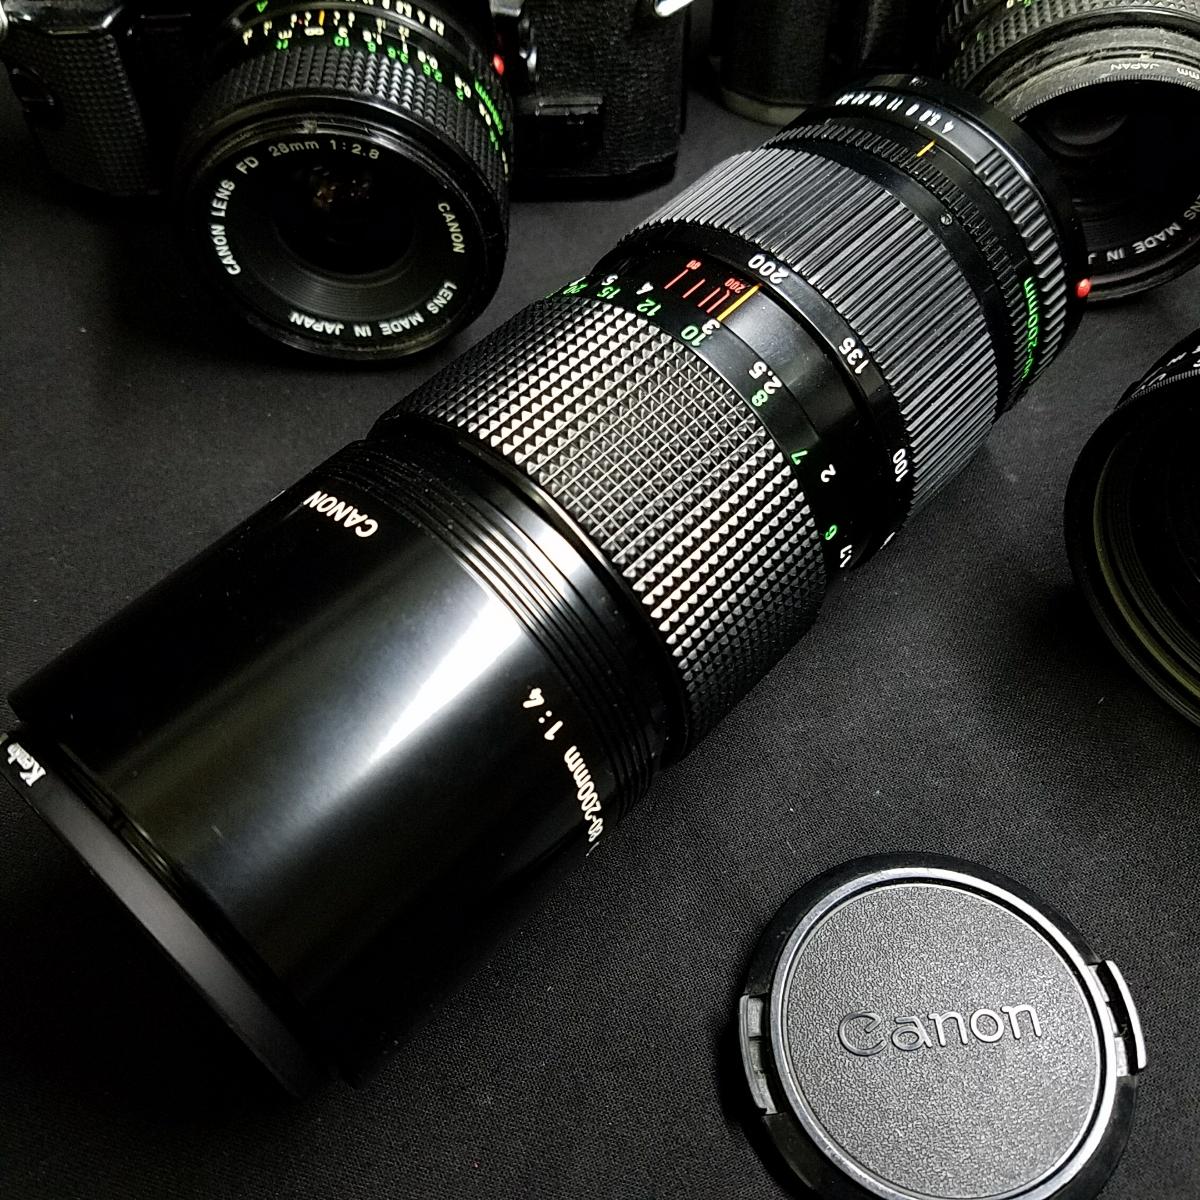 カメラ 光学機器 一眼レフ アンティークカメラ フィルムカメラ プロ仕様 キャノン CANON A-1 AE-1 レンズ 望遠  s-0005_画像6